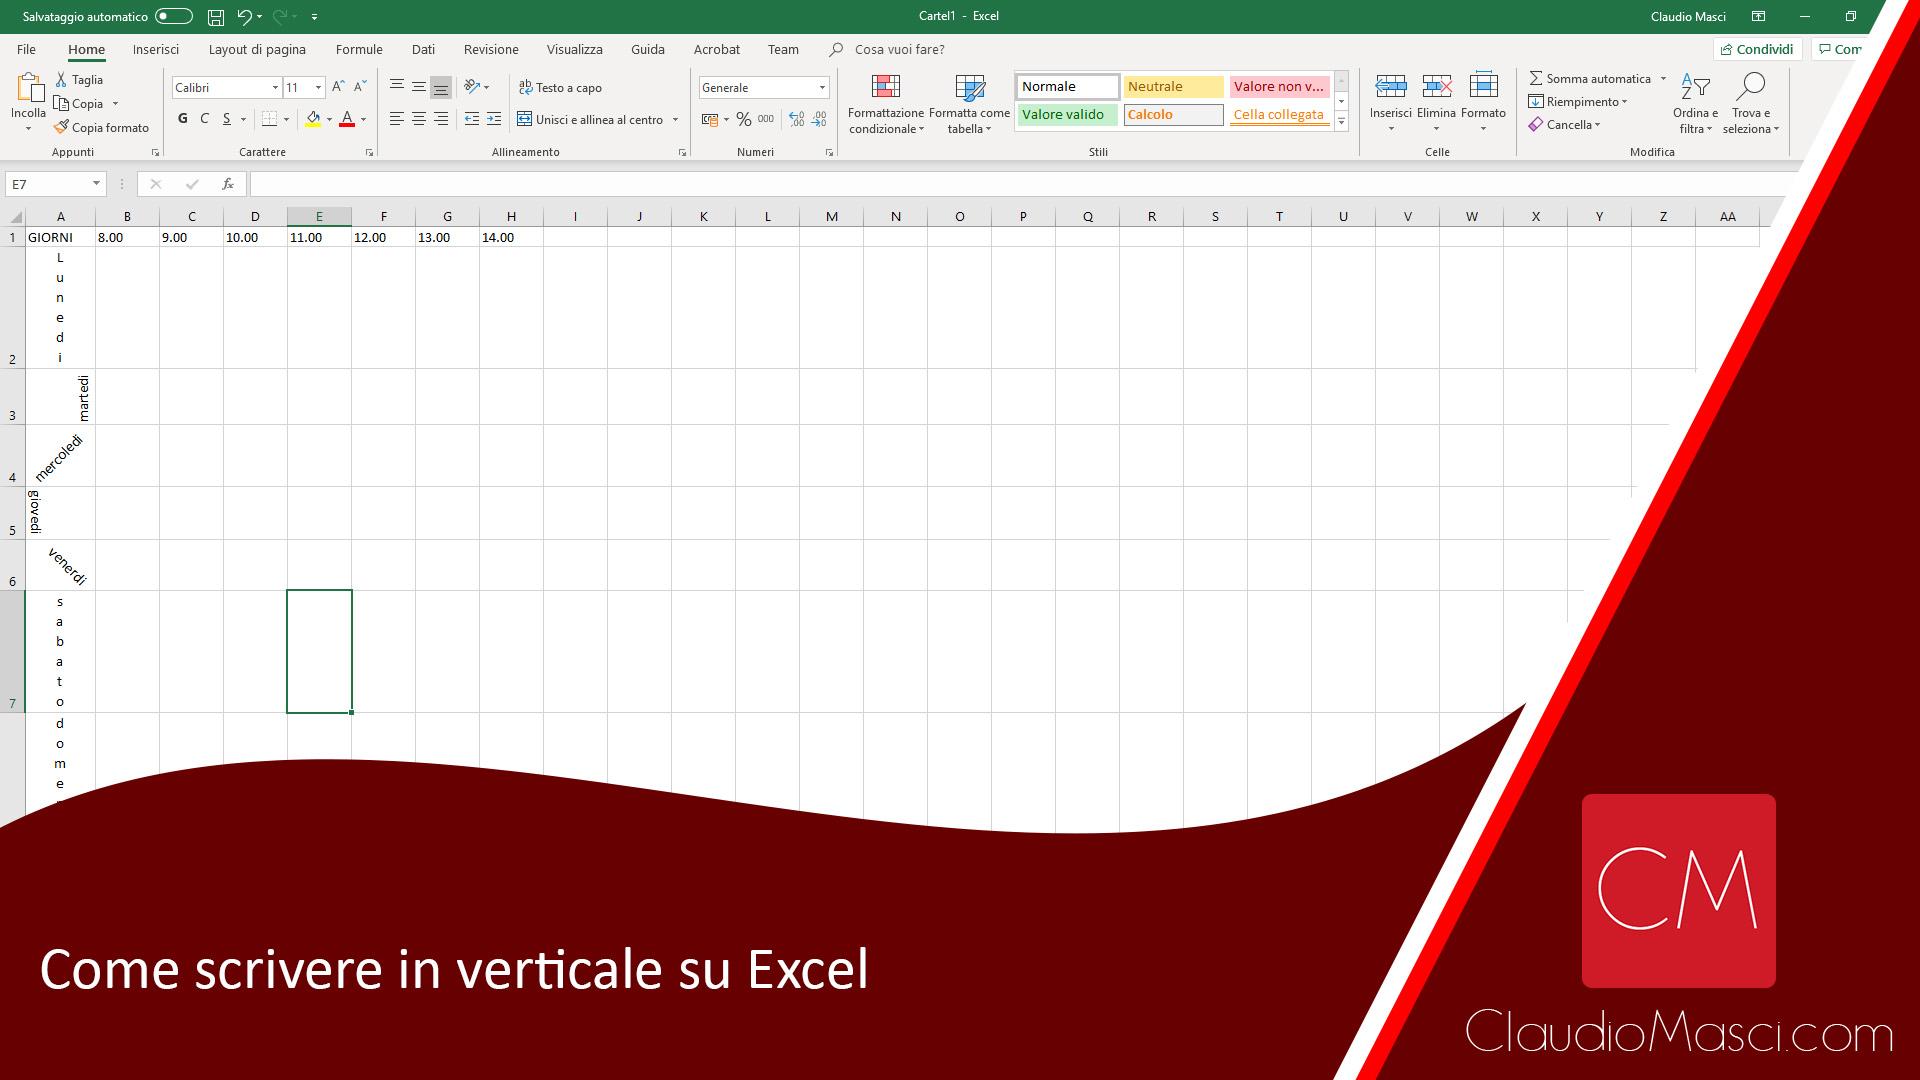 Come scrivere in verticale su Excel